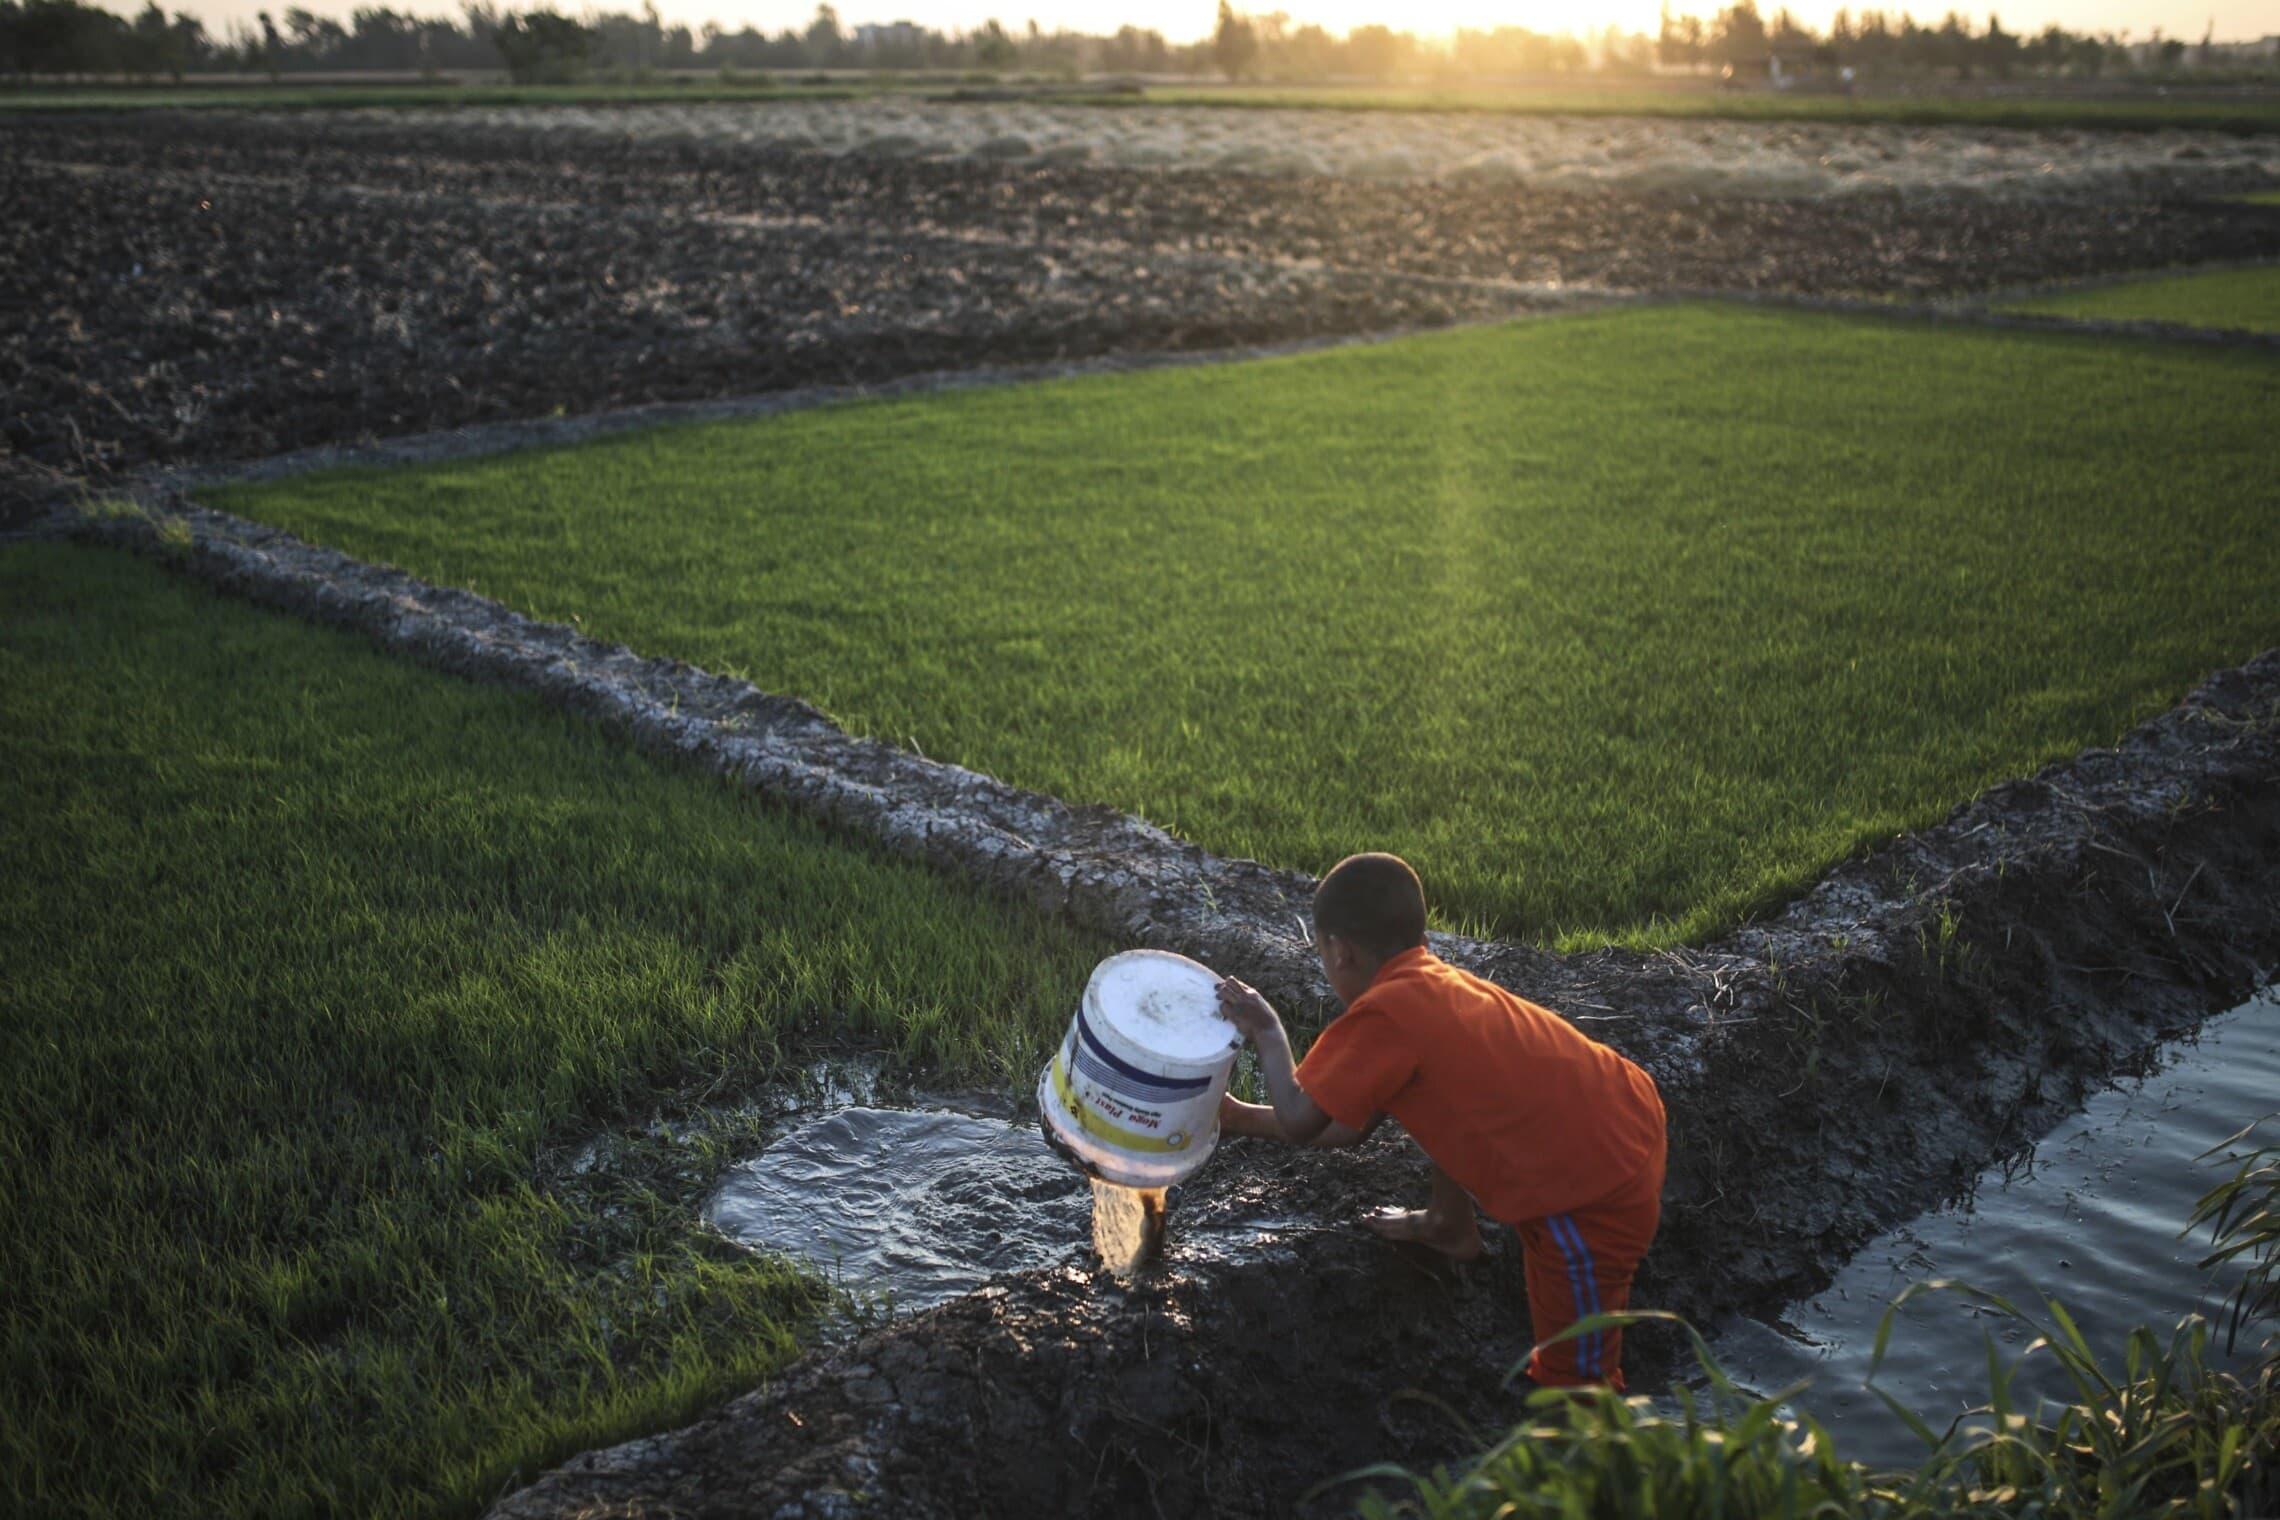 """גידול אורז בדלתא של הנילוס, 300 ק""""מ צפונית לקהיר, מצרים, ב-2015 (צילום: AP Photo/Mosa'ab Elshamy)"""